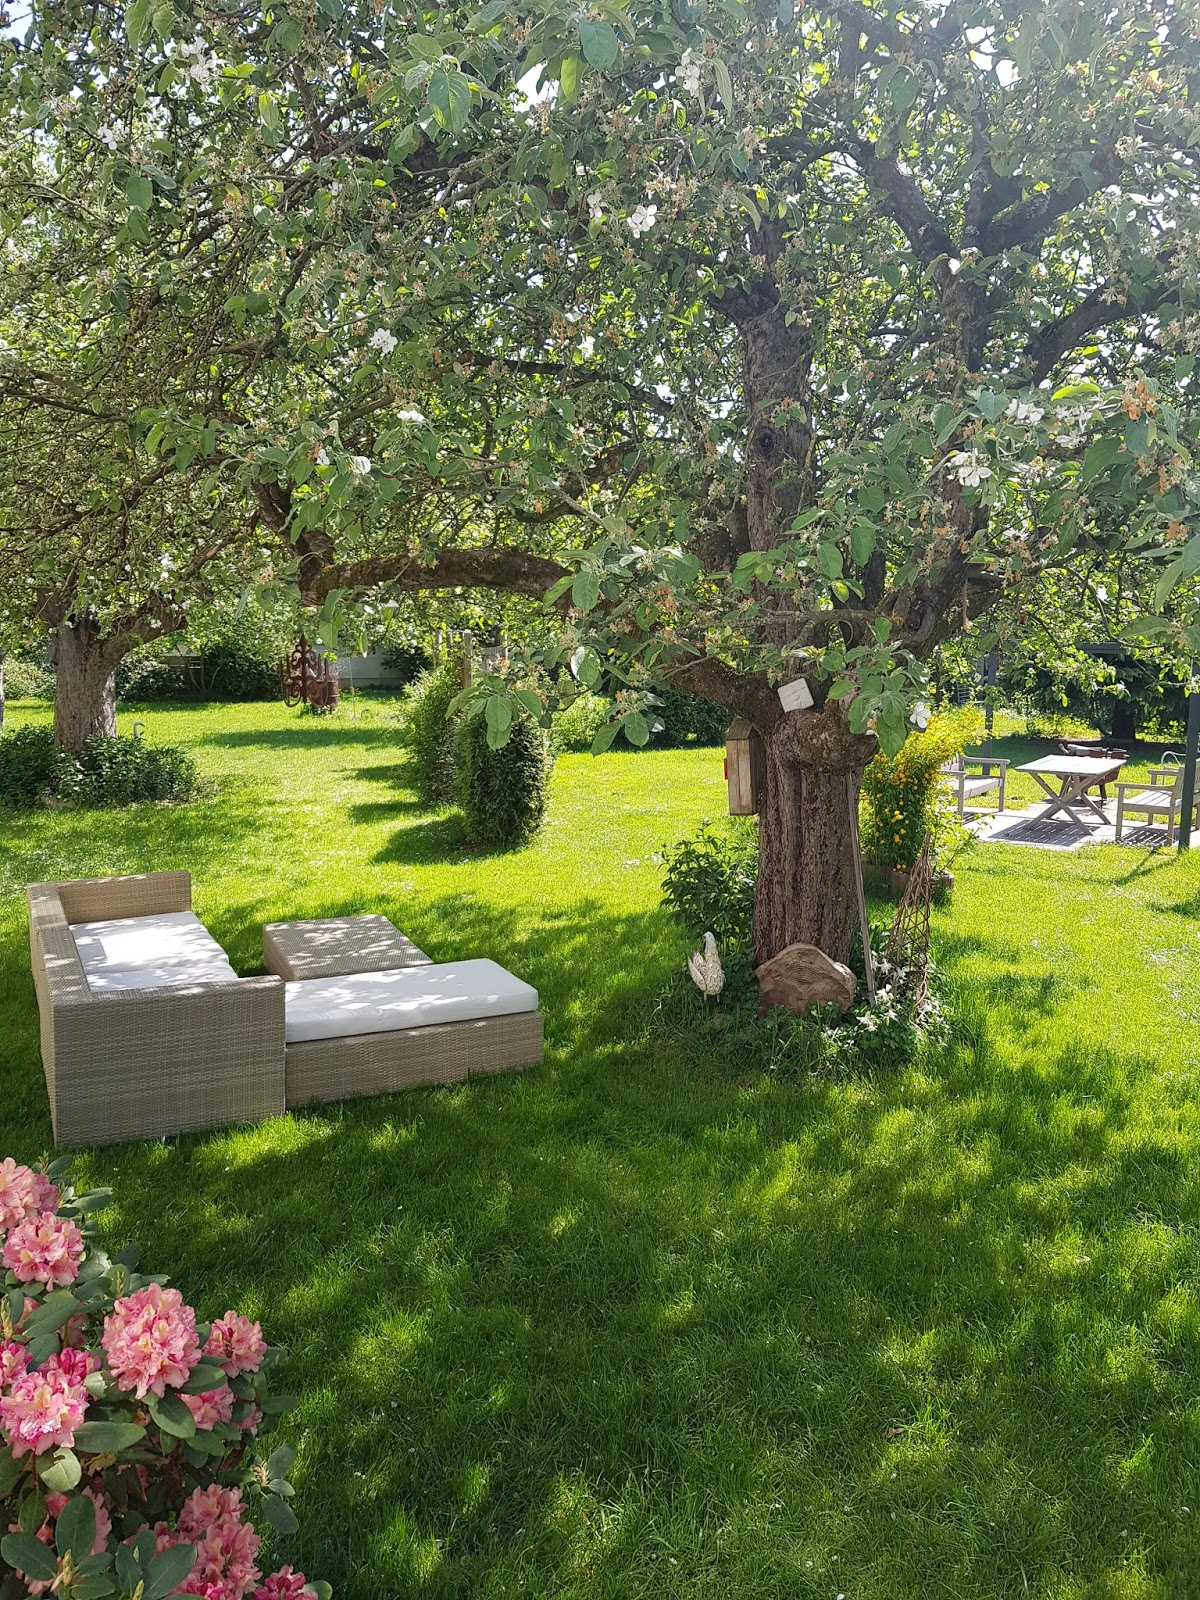 Alte Apfelbäume Obstbäume im Garten. Dekoidee Loungesofa